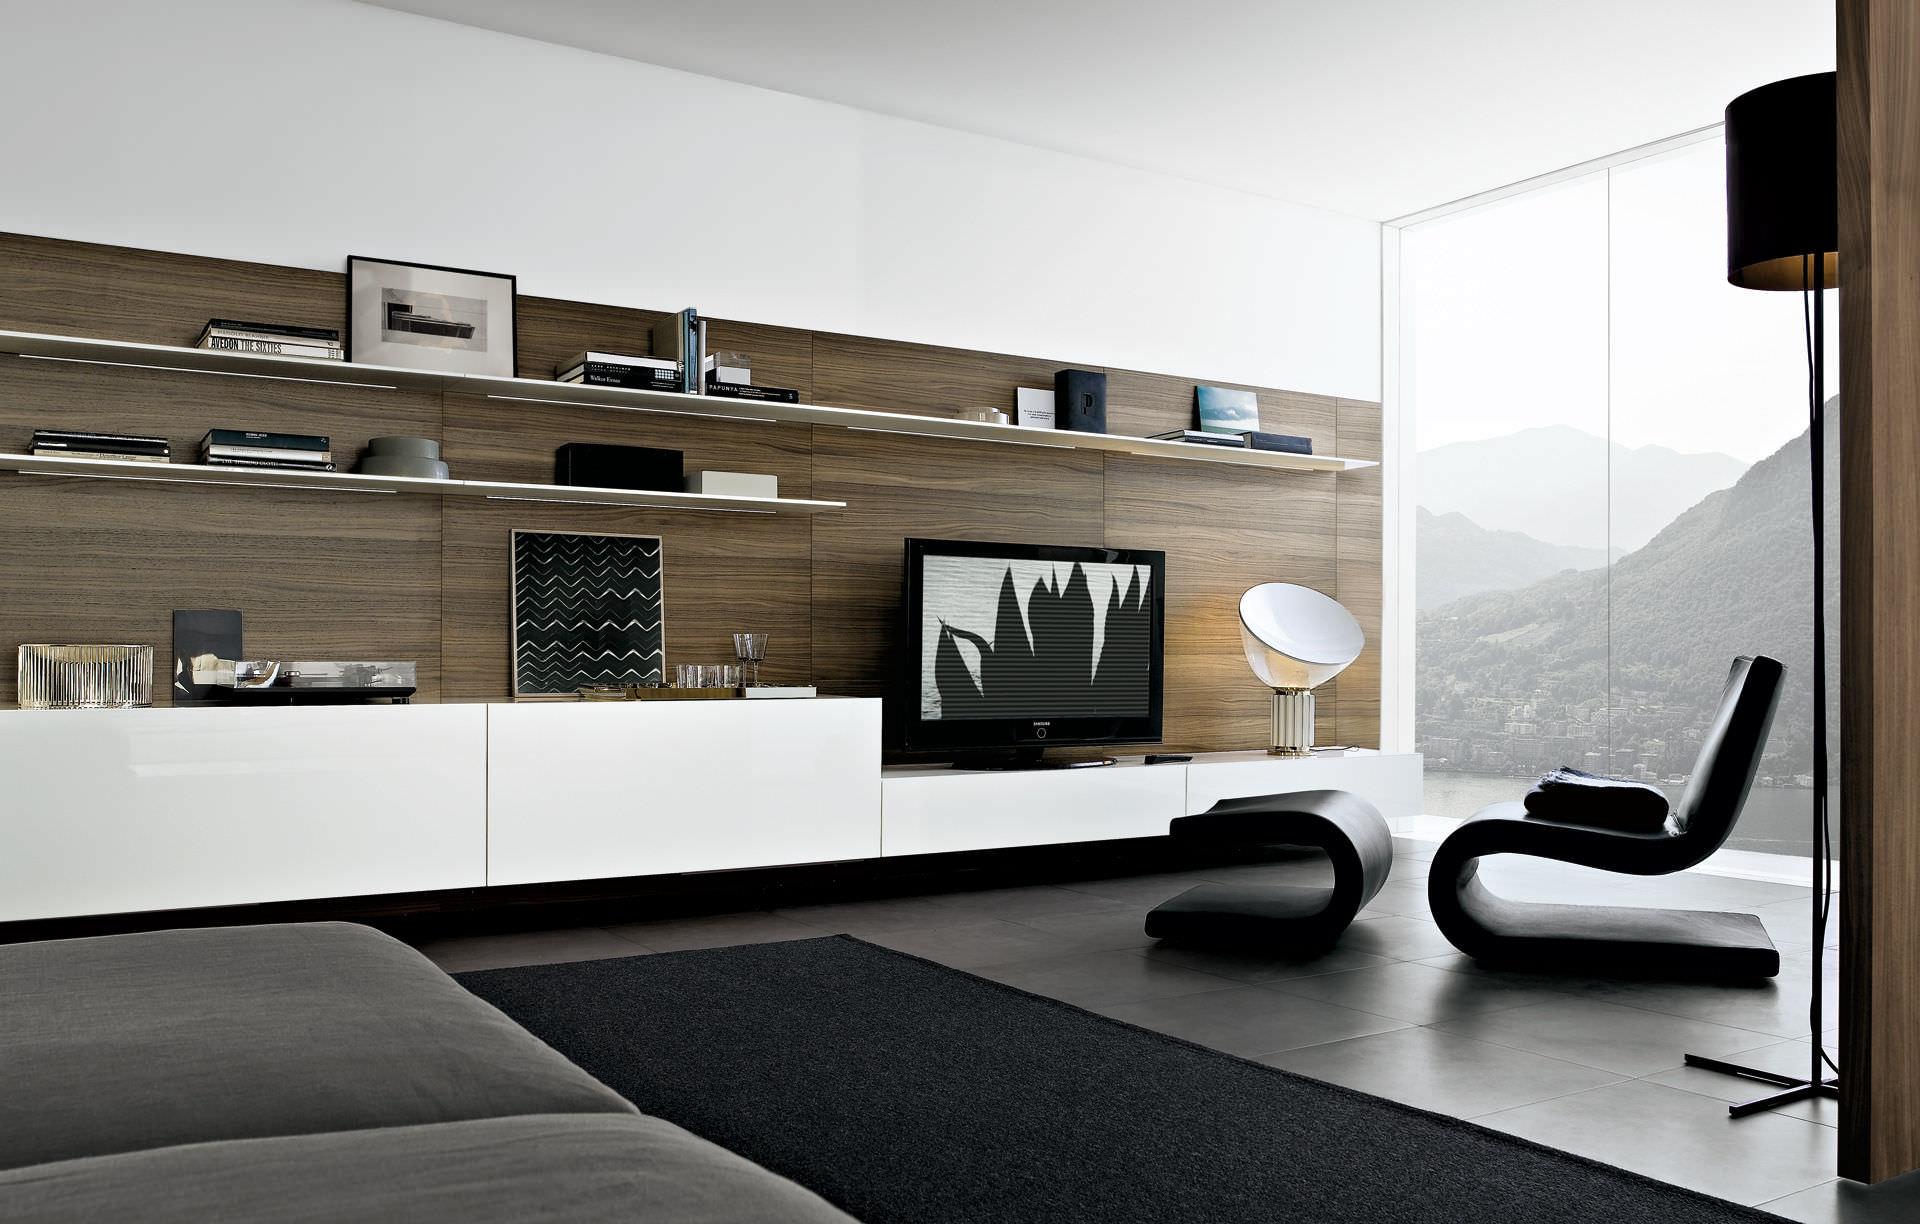 Designer Wall Units For Living Room Glamorous Modernlivingroominteriordesigntipstvwallunit04 Jpeg Design Ideas